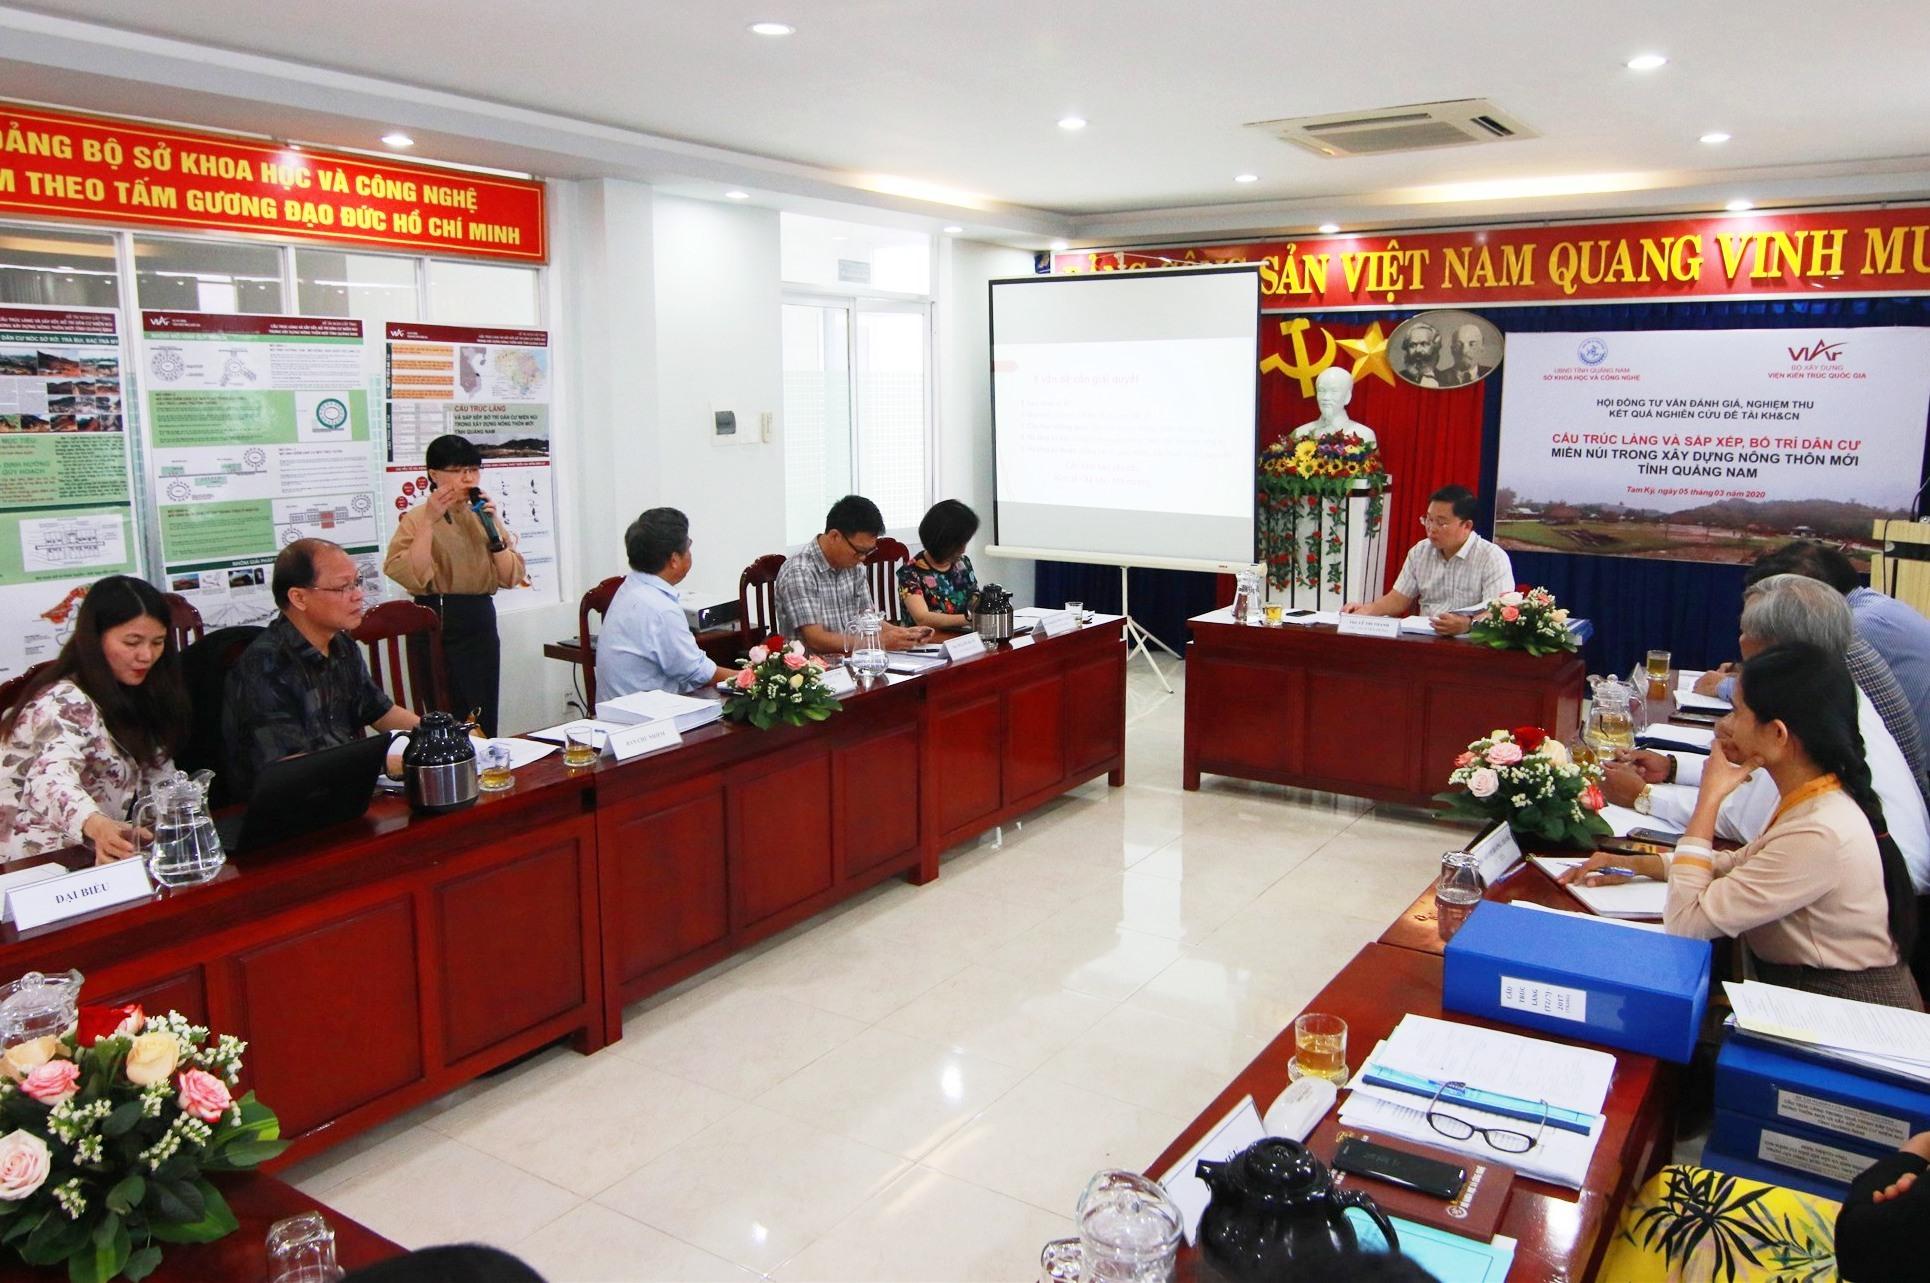 Tiến sĩ Tạ Thị Hoàng Vân - chủ nhiệm đề tài báo cáo tại buổi nghiệm thu đề tài.